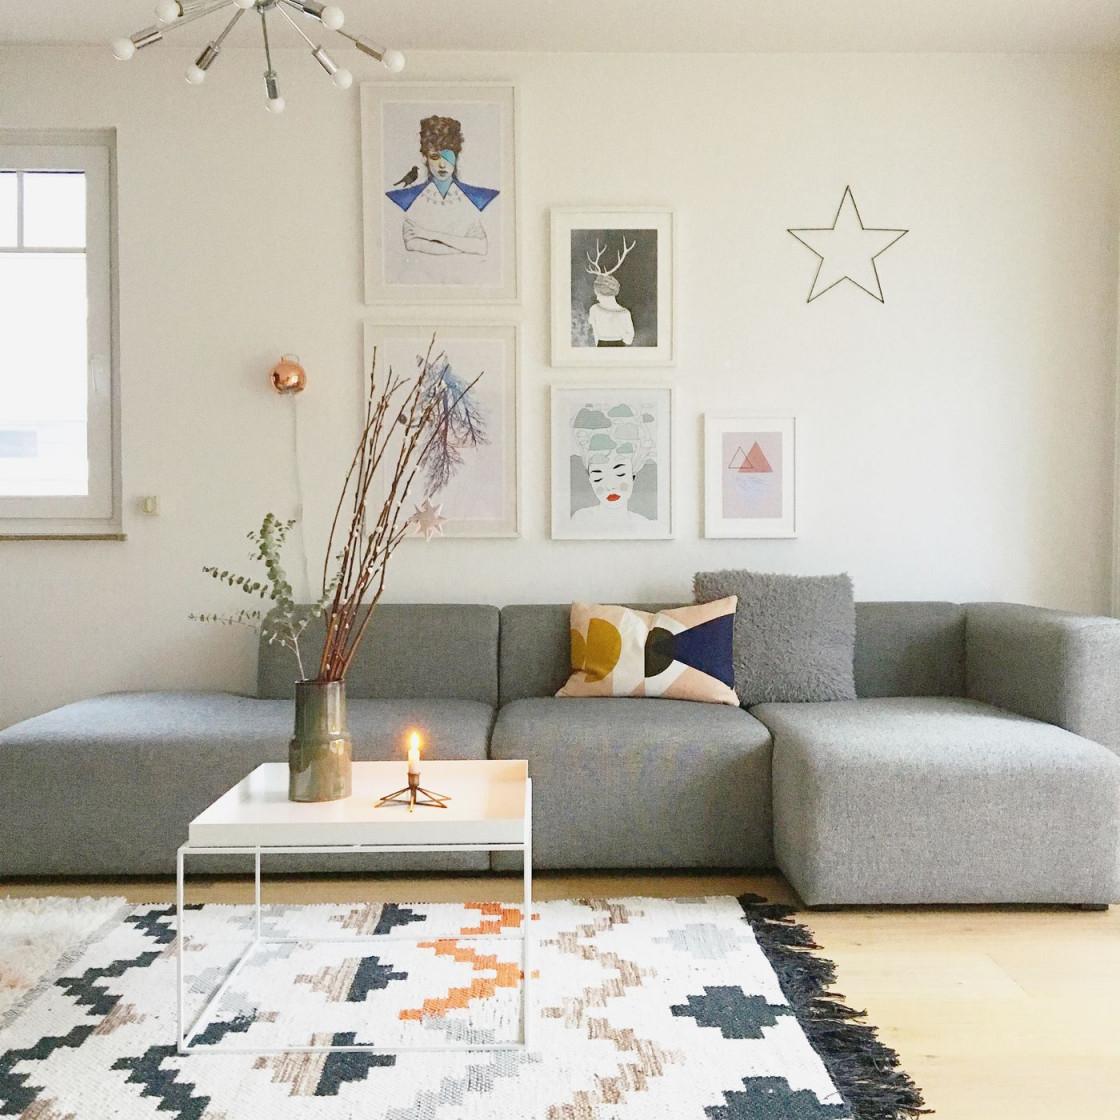 Die Besten Ideen Für Die Wandgestaltung Im Wohnzimmer von Wohnzimmer Gestalten Wände Photo